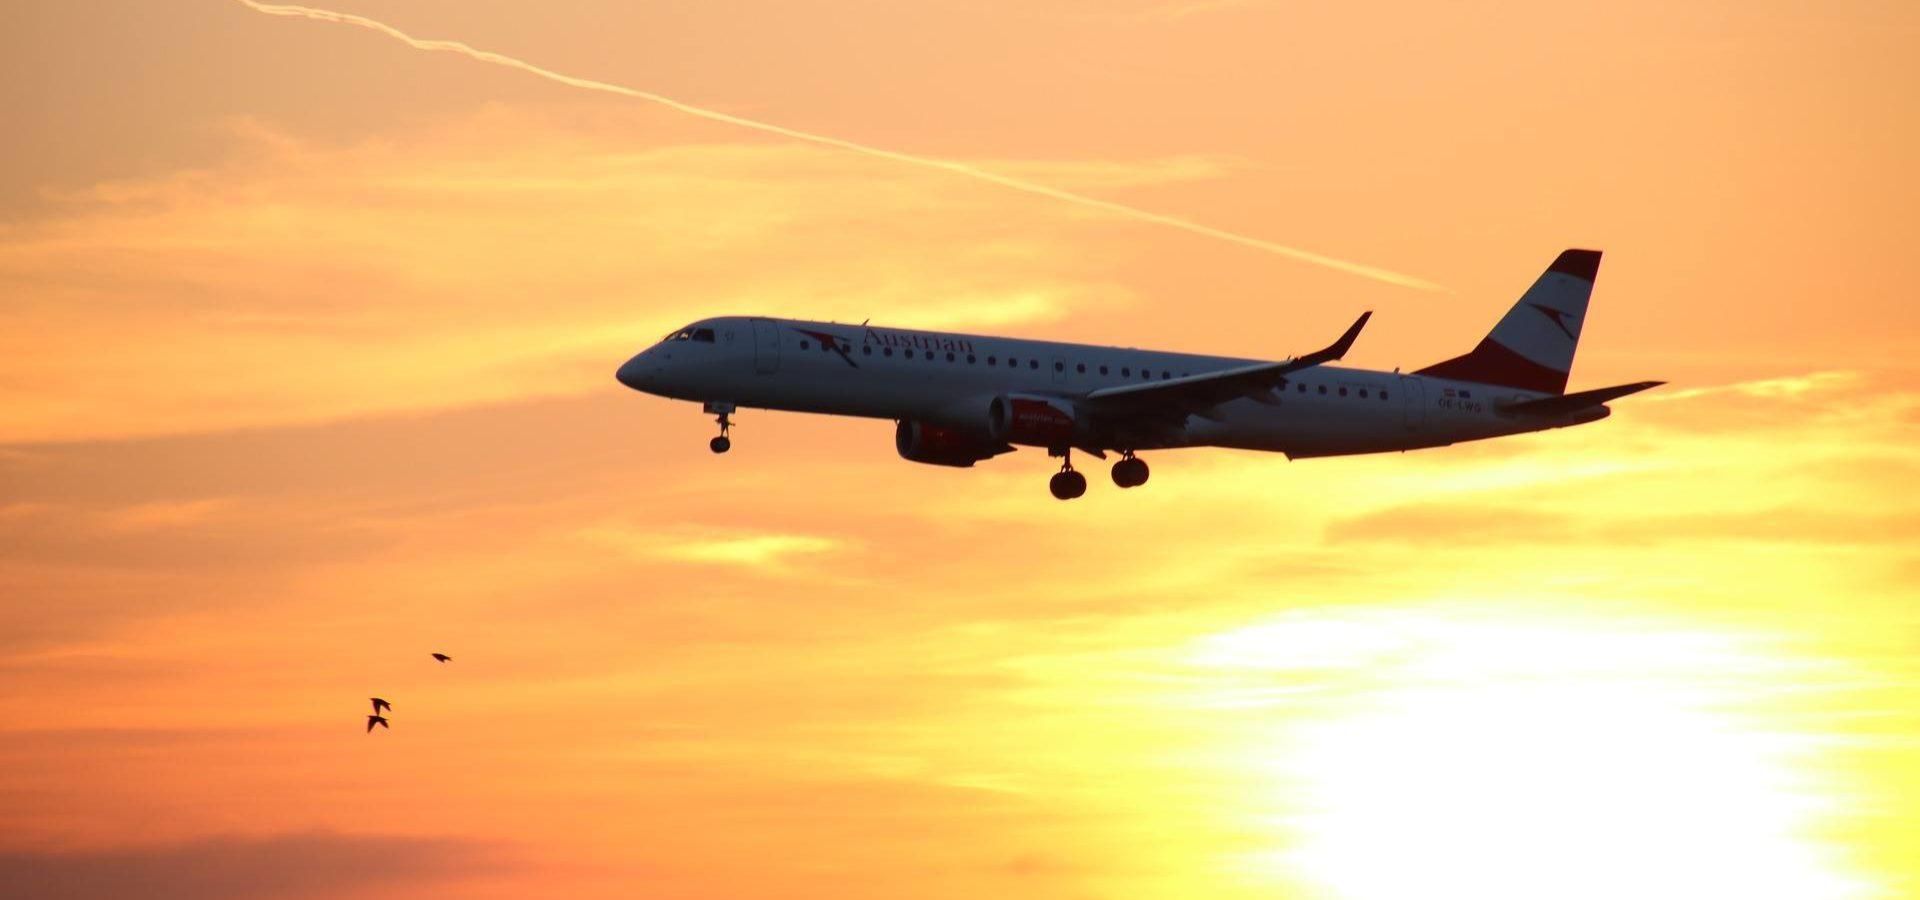 Odszkodowanie za odwołanie lotu lub opóźnienie powyżej 3 godzin